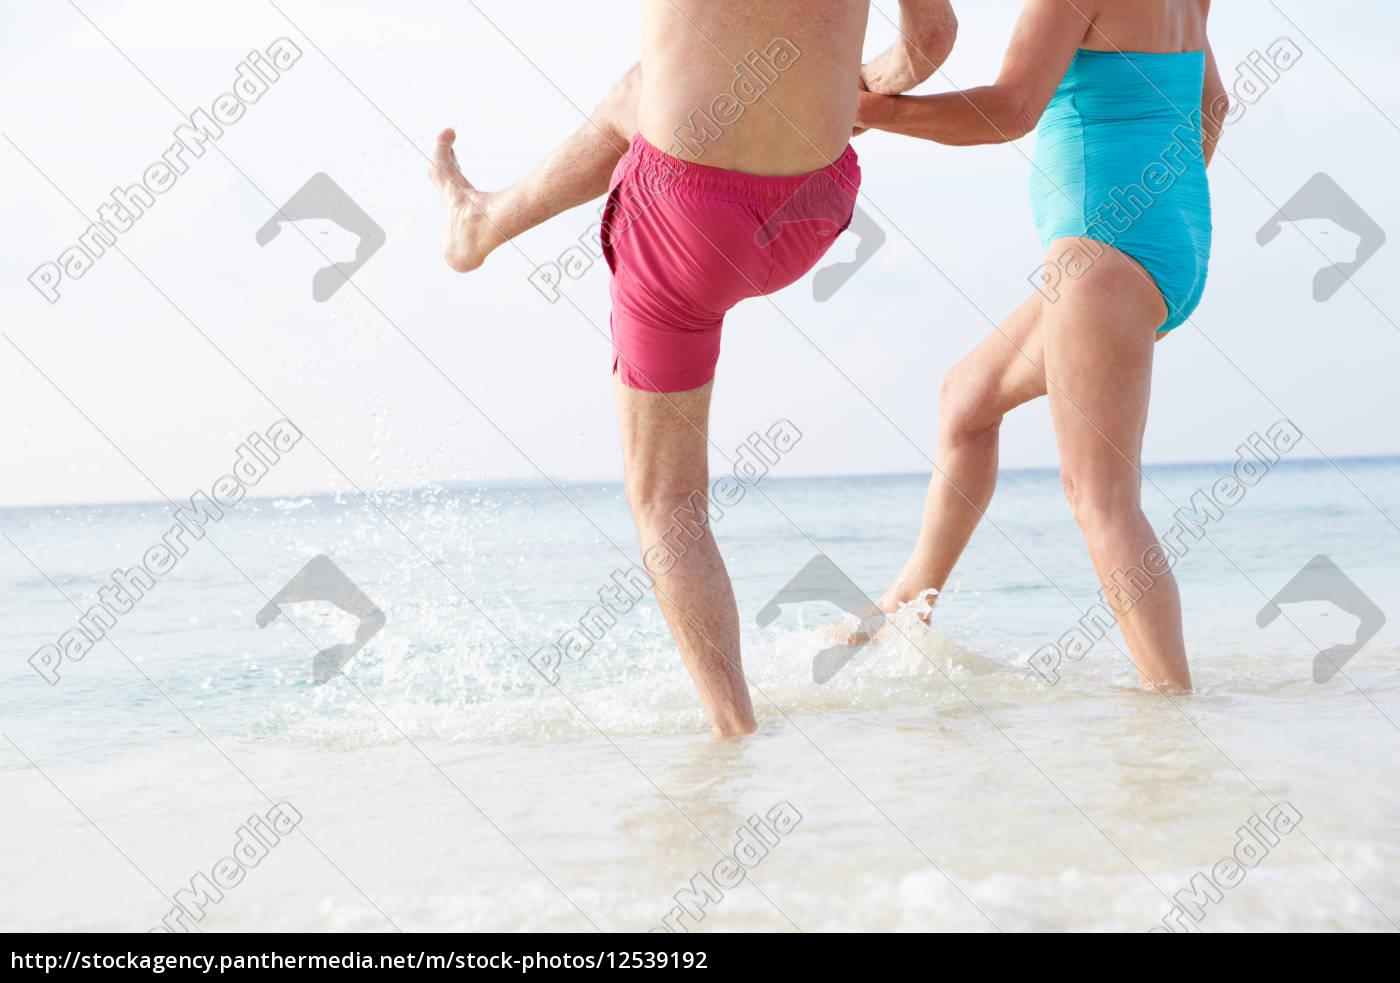 detail, of, senior, couple, splashing, in - 12539192